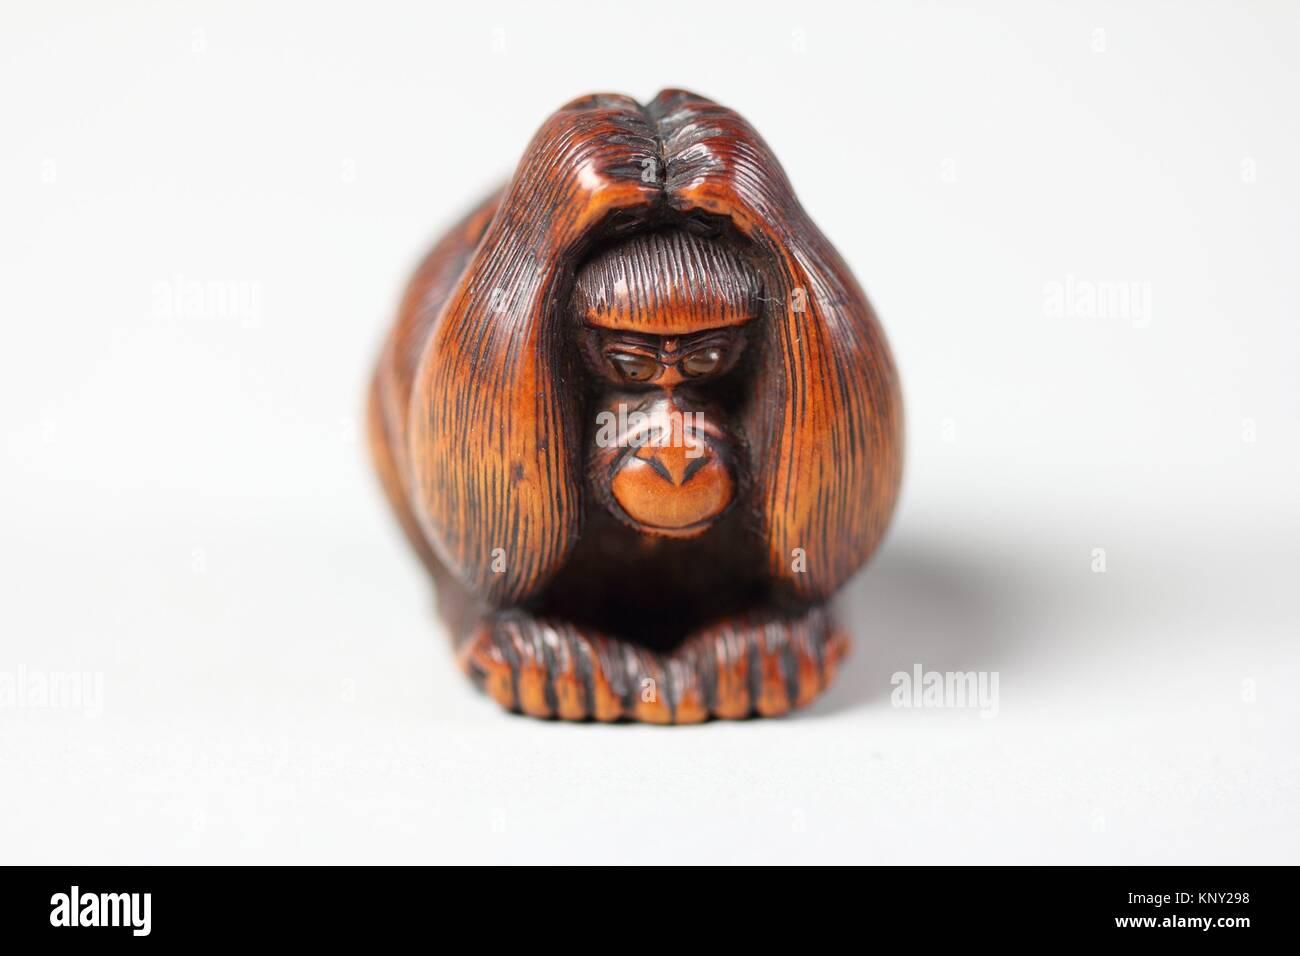 Monkey dating